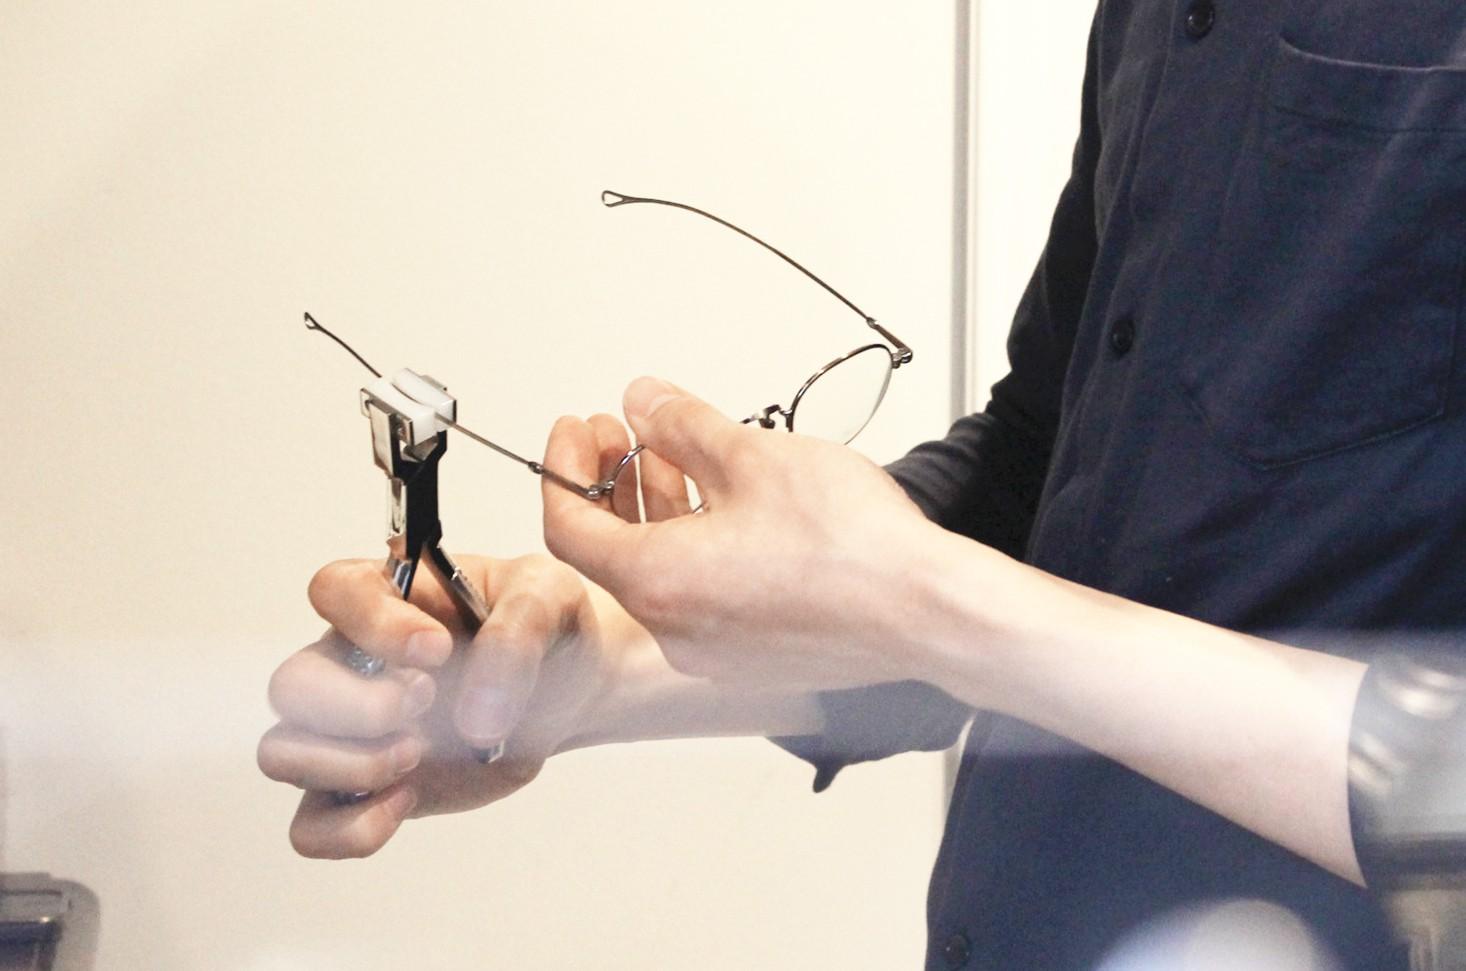 現在使用しているメガネ(サングラス)が鼻からずれたり、左右に傾いたりします。直せますか?